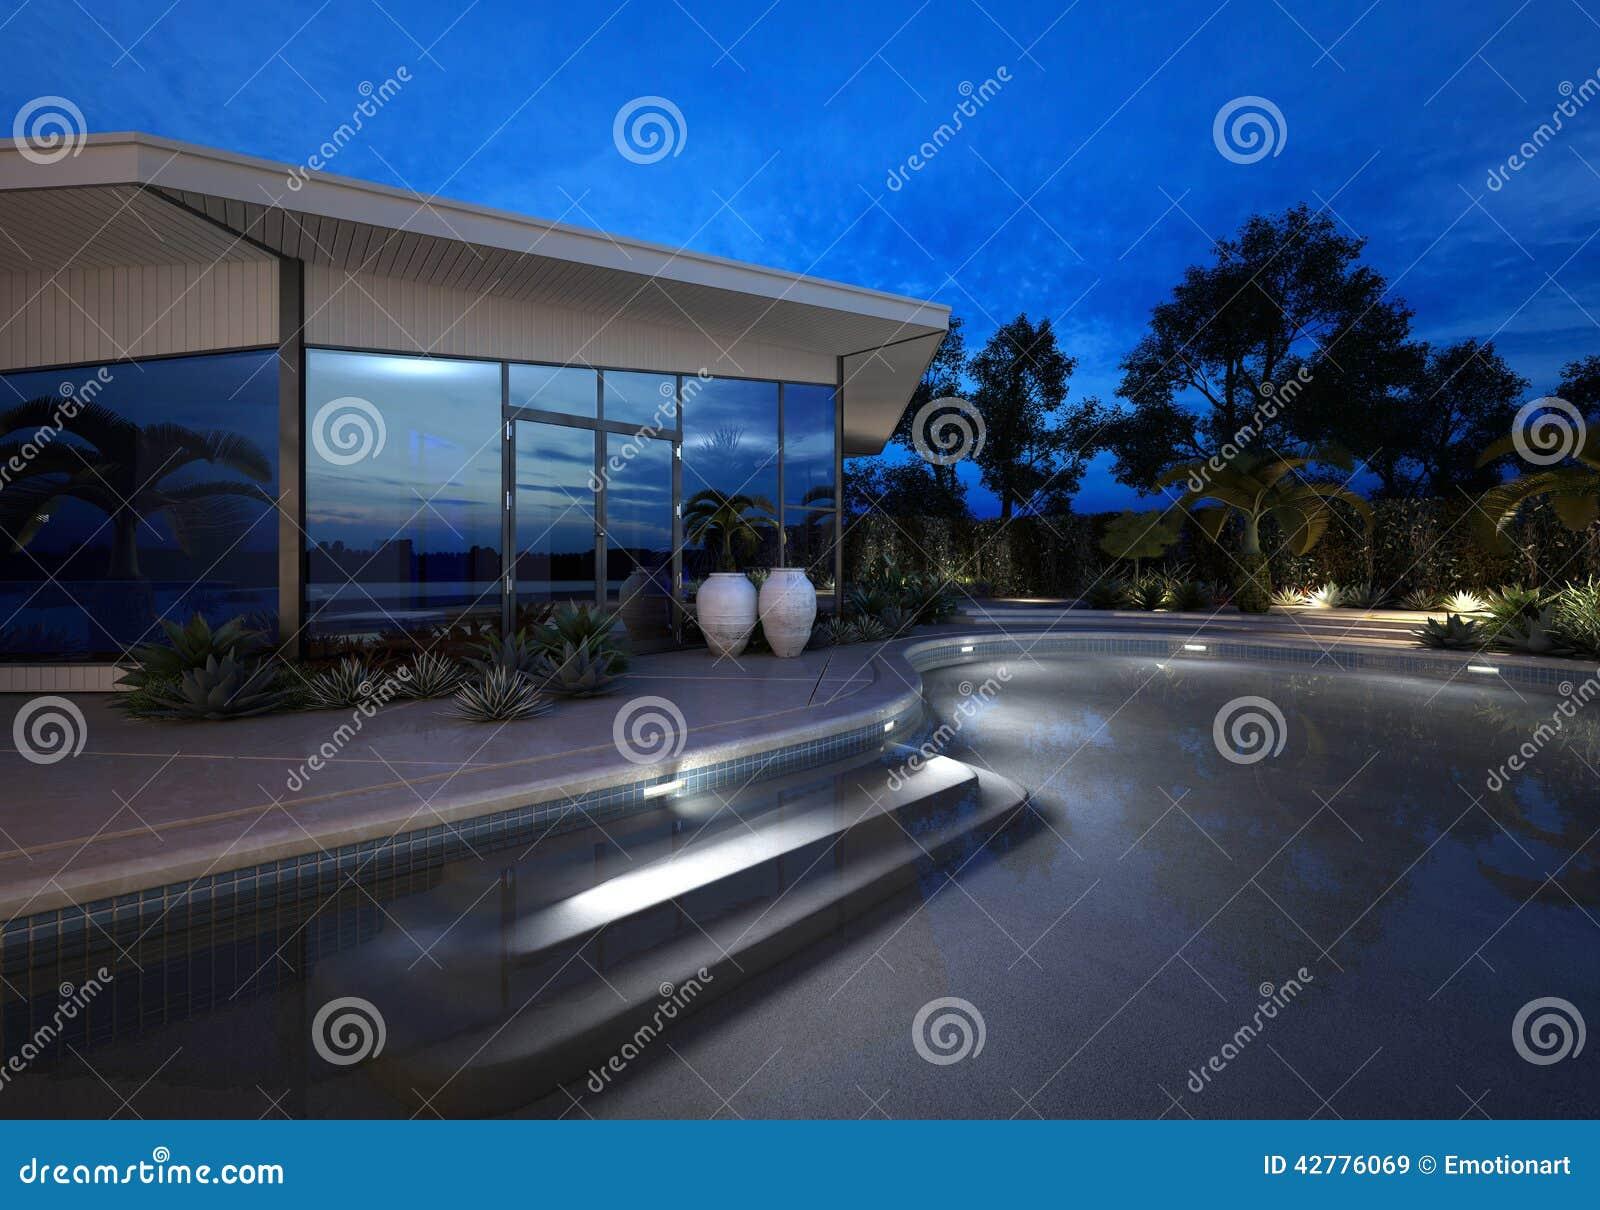 Роскошная вилла на ноче с загоренным бассейном